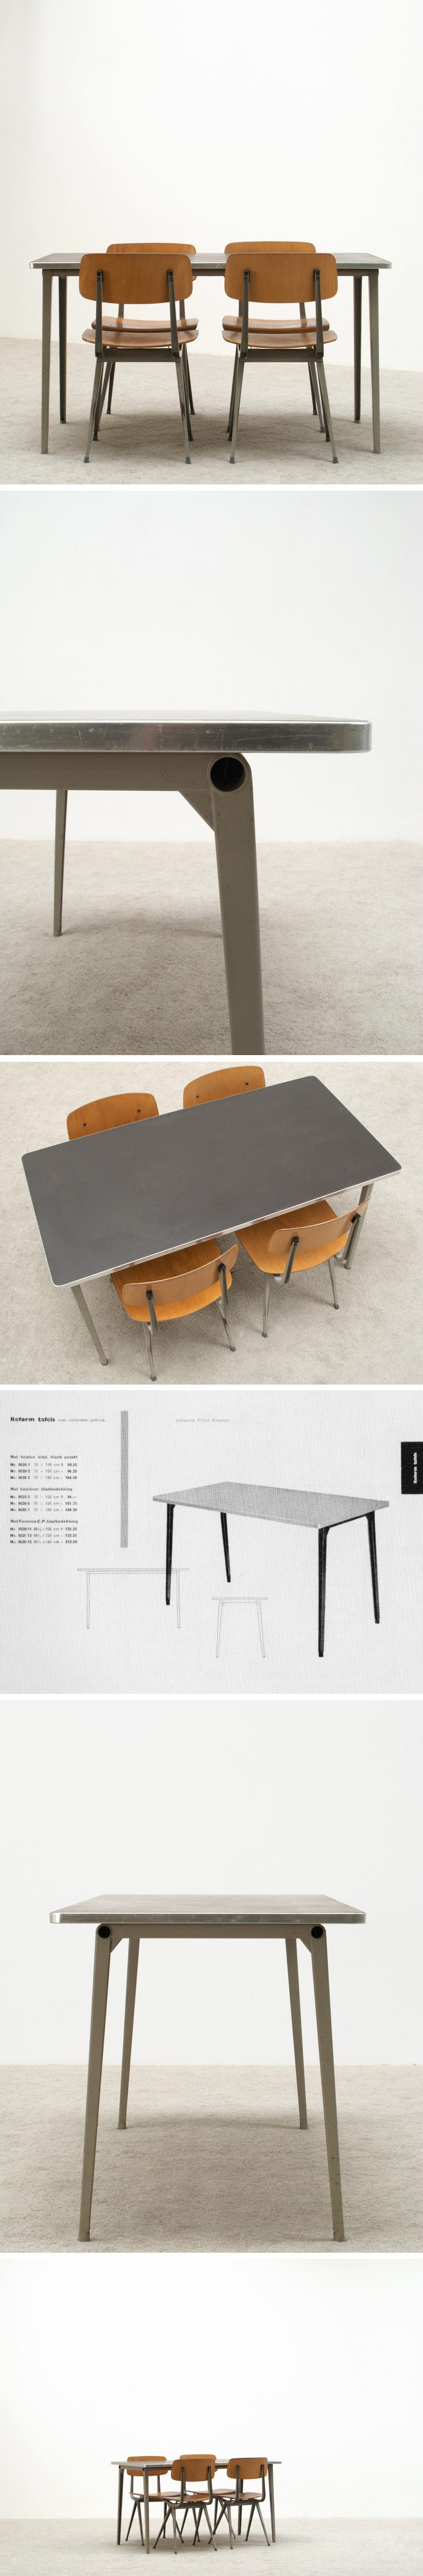 Friso Kramer Industrial Reform table 1955 Large